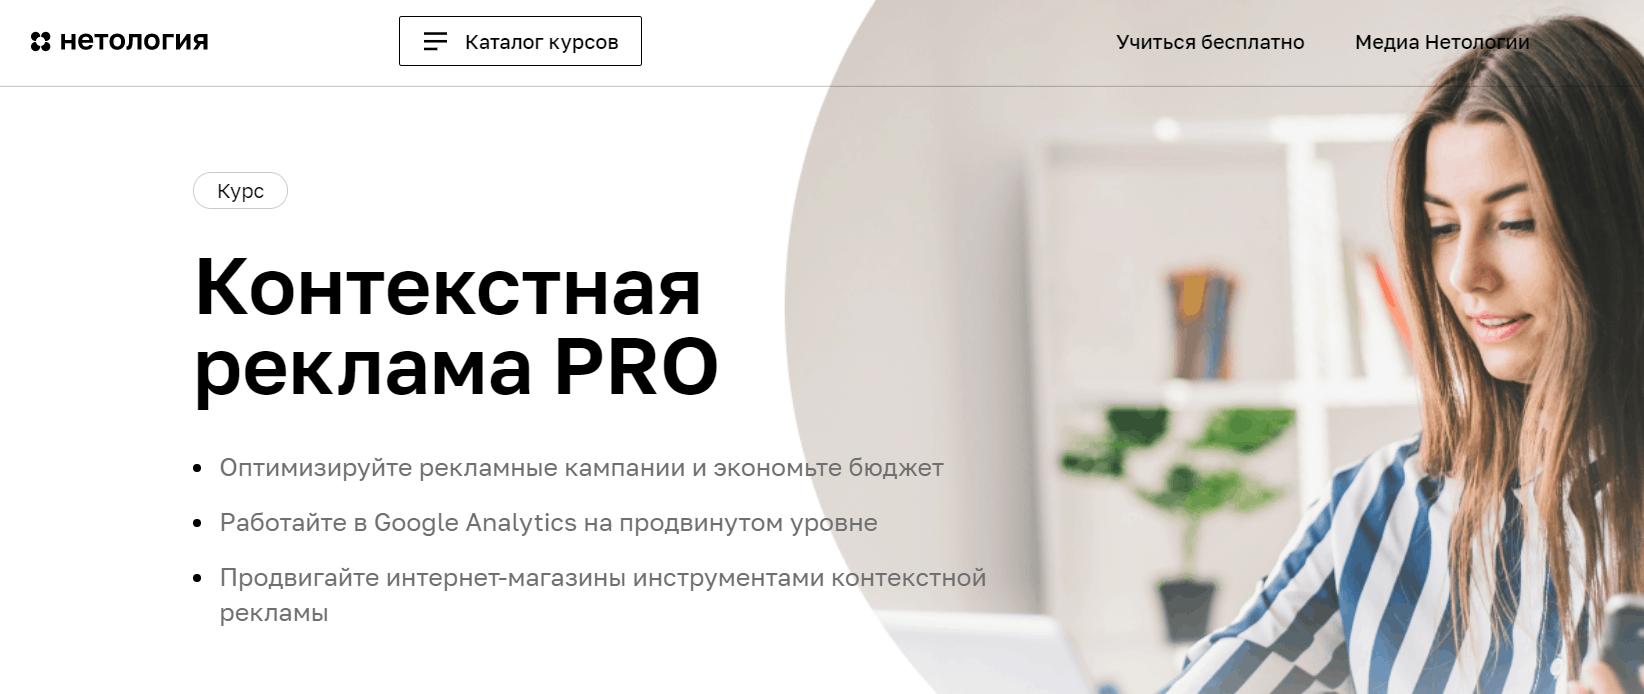 Контекстная реклама PRO